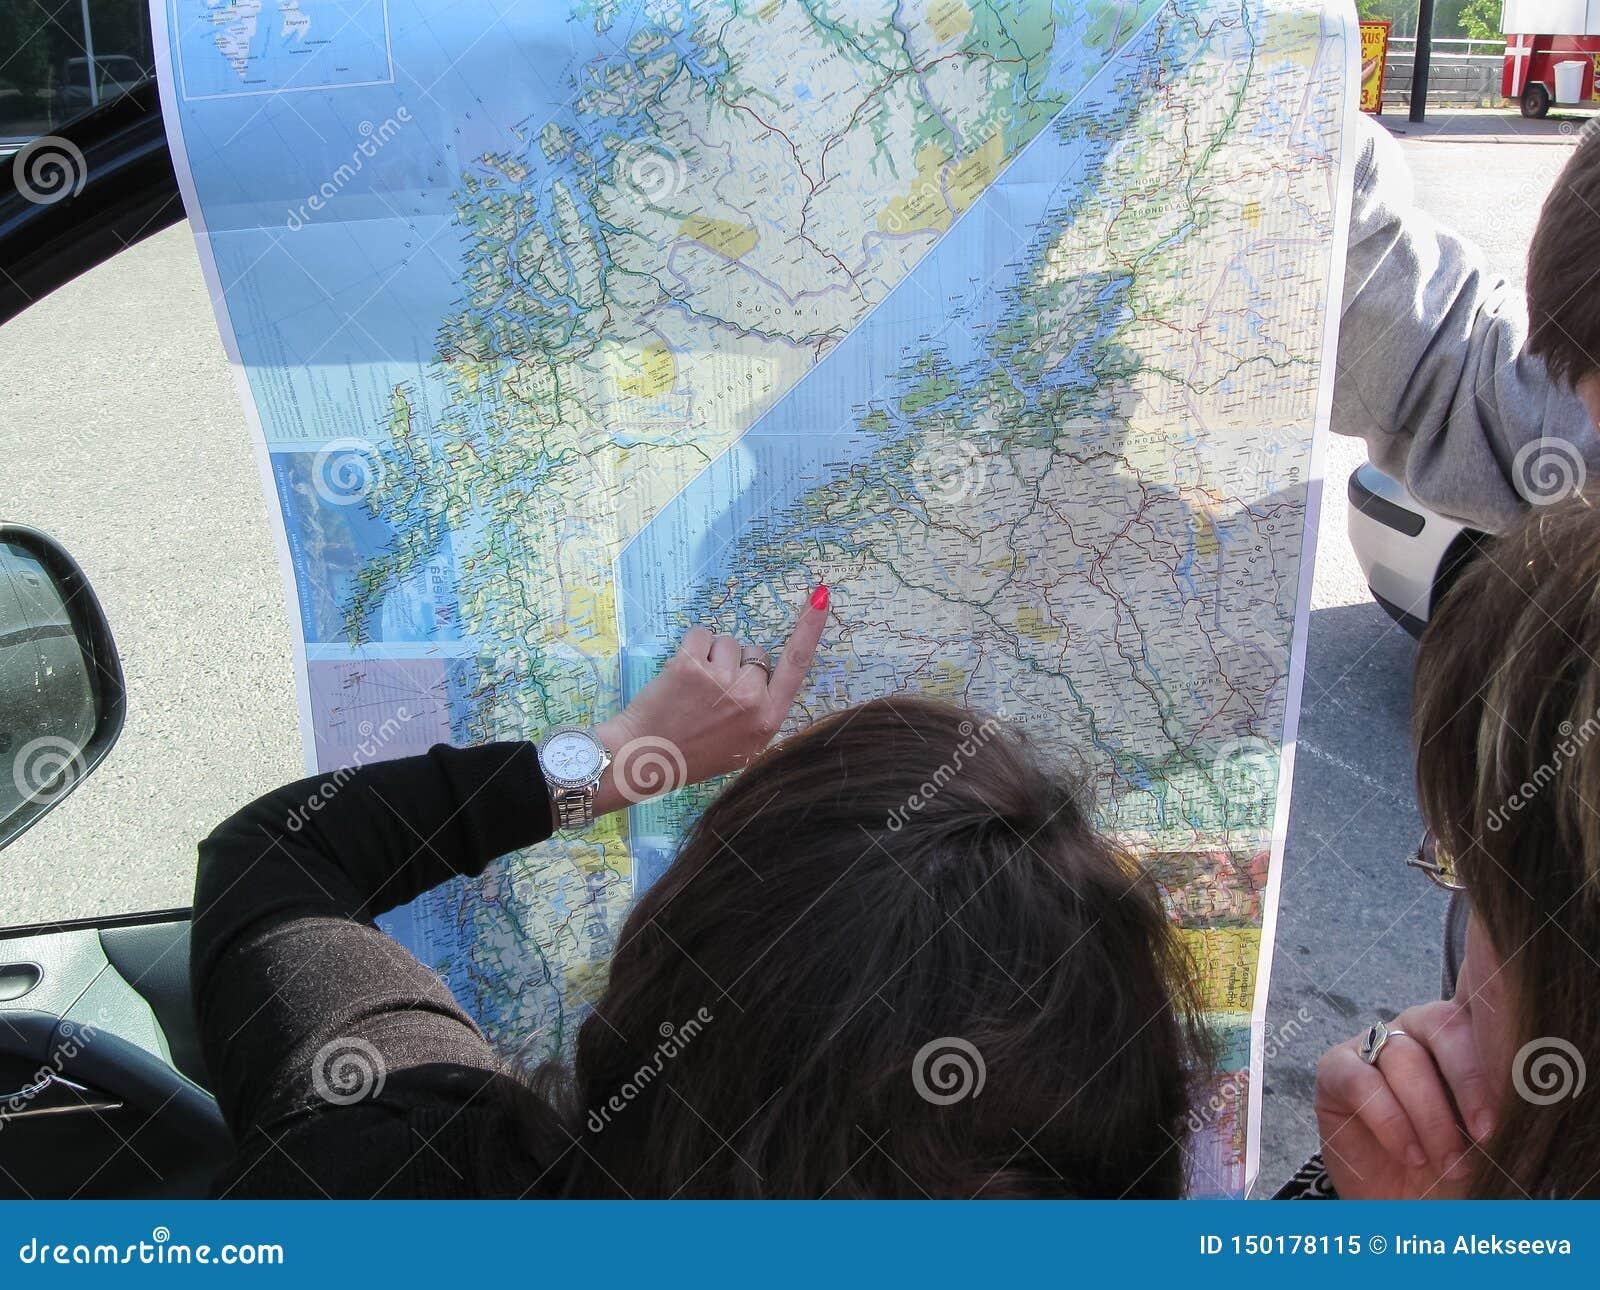 Helsinki, Finlandia - 11 06 2012: los turistas ven el mapa y componen la ruta